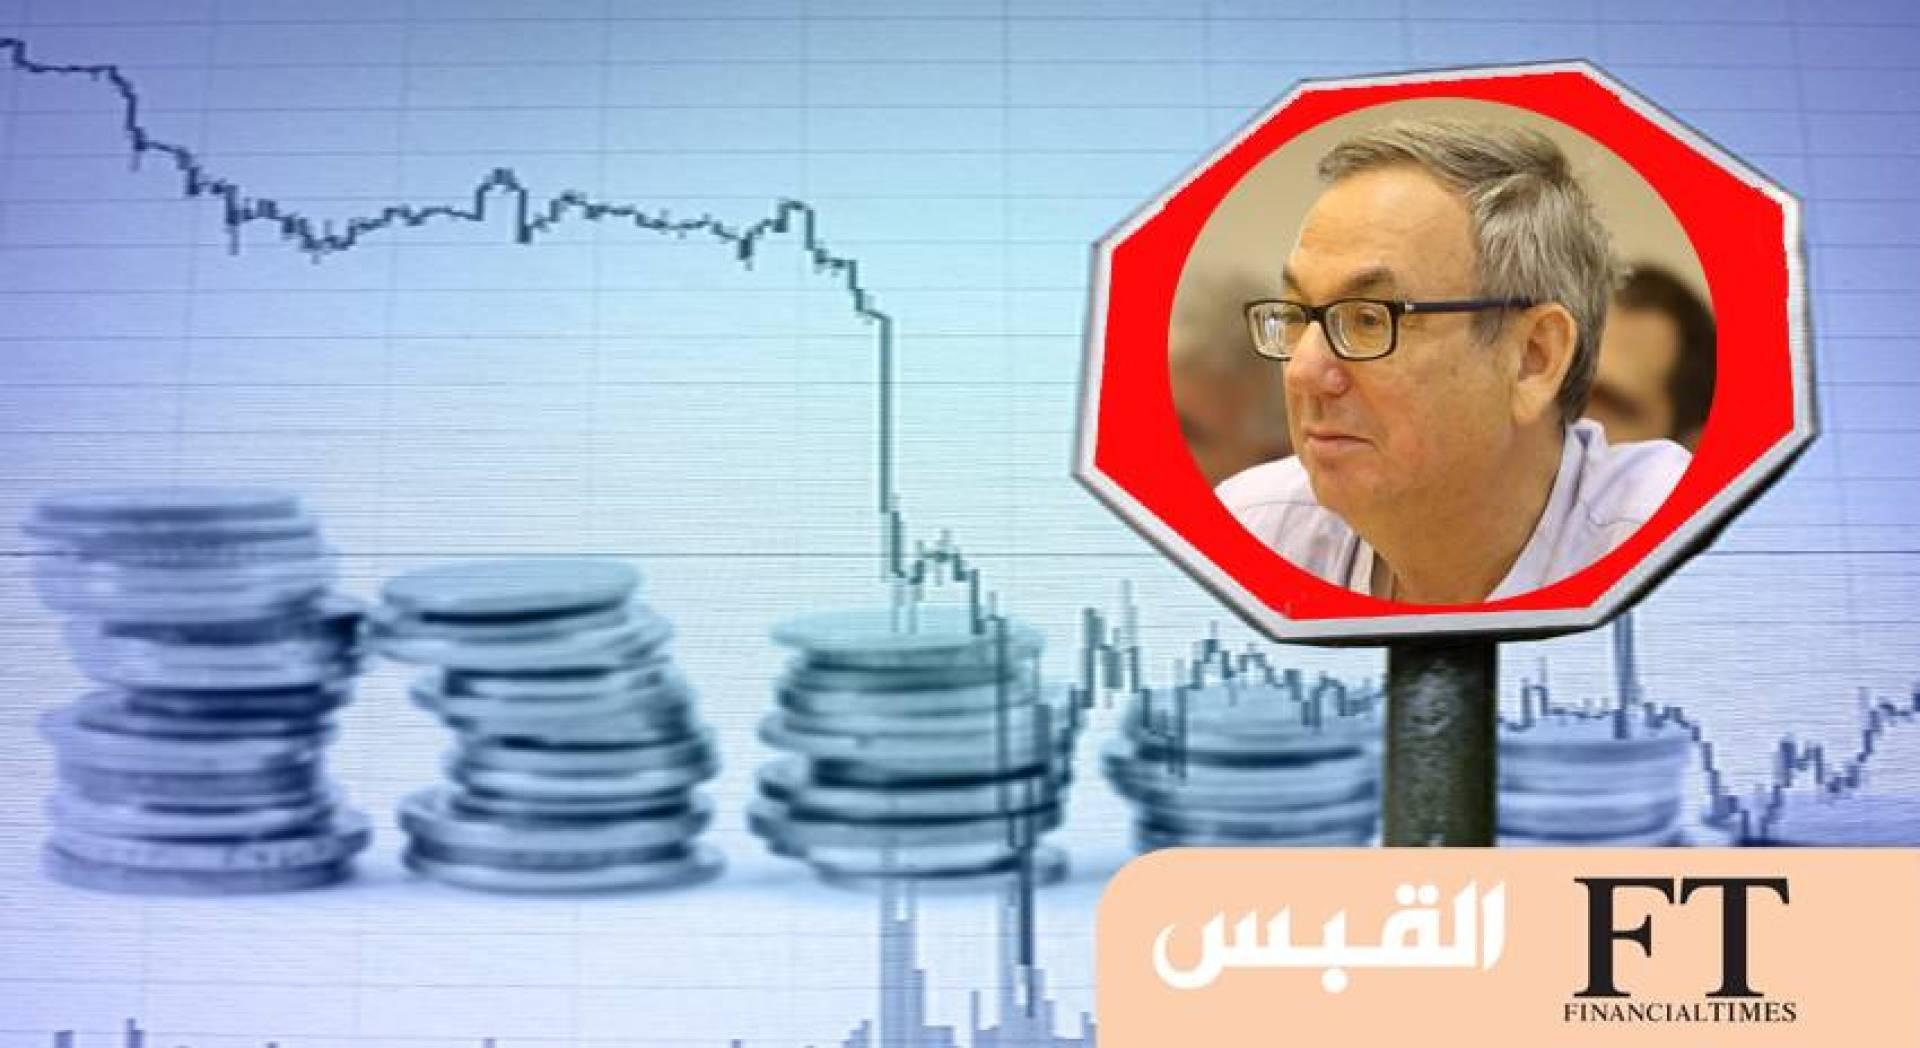 اقتصادي إسرائيلي يكشف حلاً فريداً لإنقاذ الاقتصاد من حالة الإغلاق